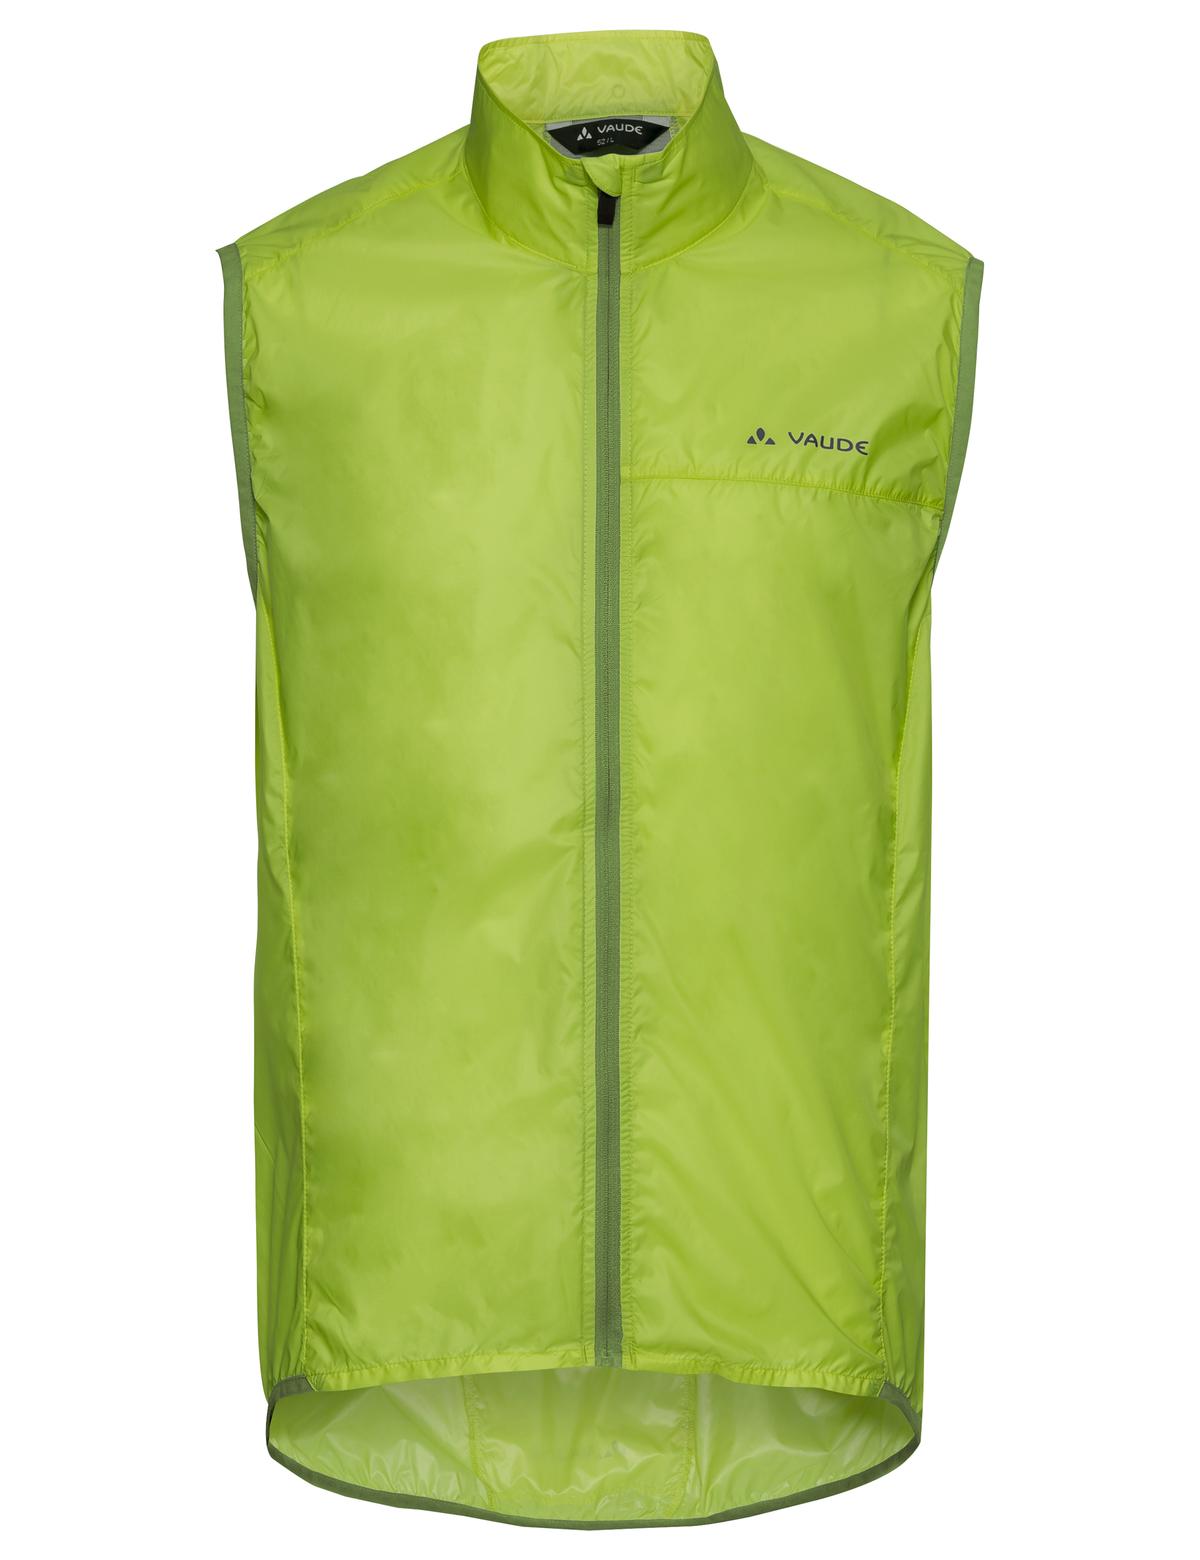 VAUDE Men´s Air Vest III chute green Größe XL - 2-Rad-Sport Wehrle